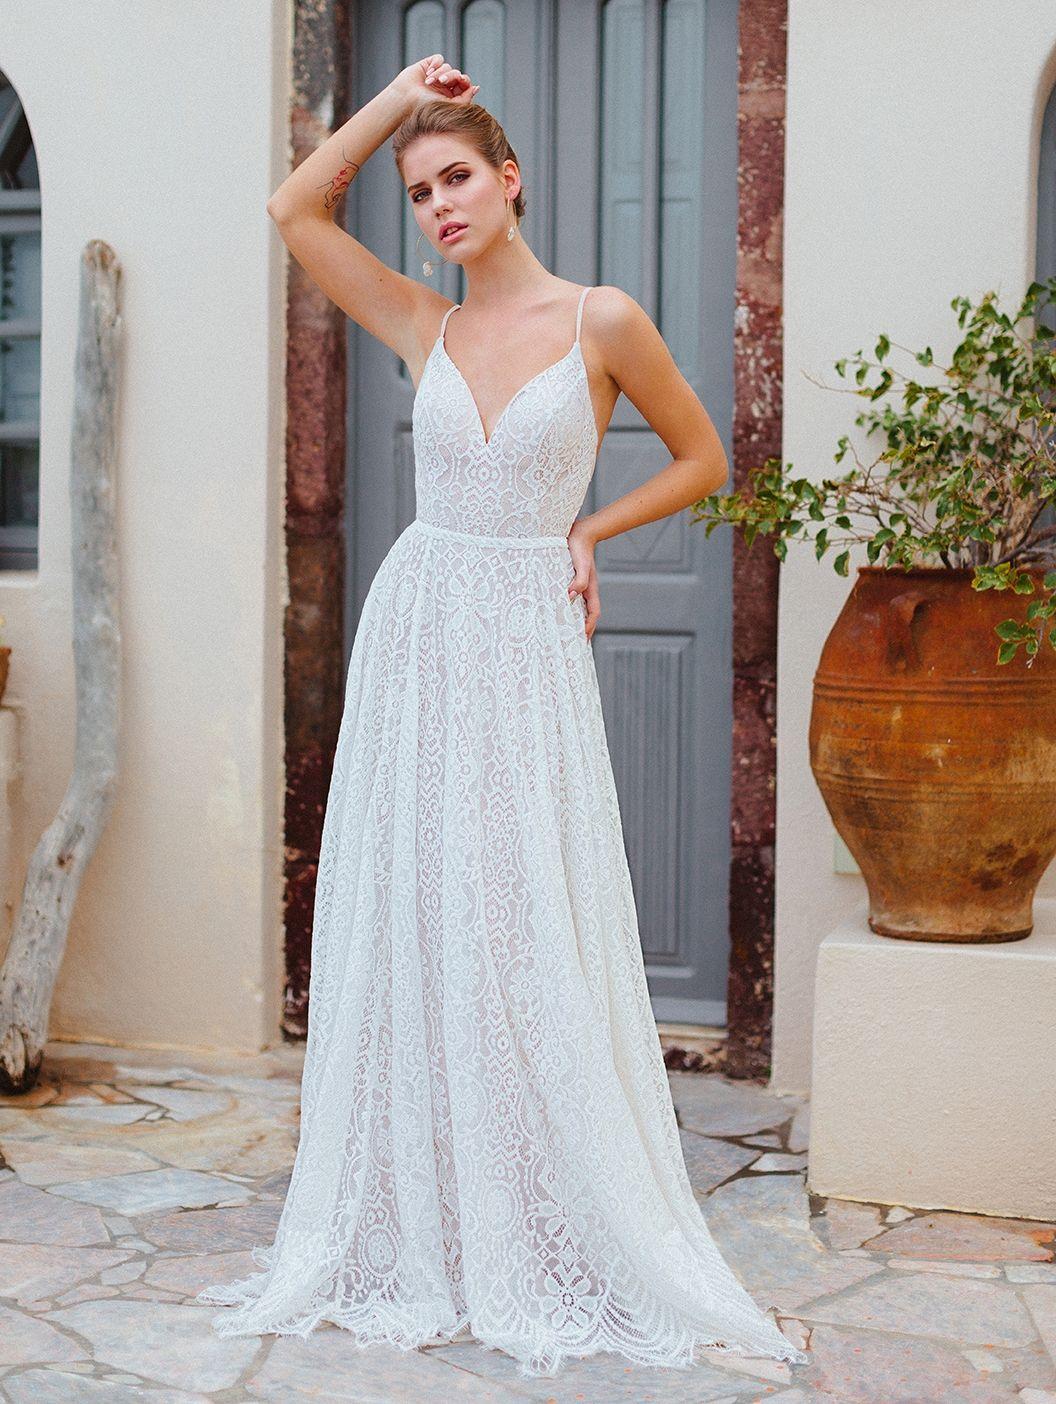 Allure Bridals Wilderly Bride 3